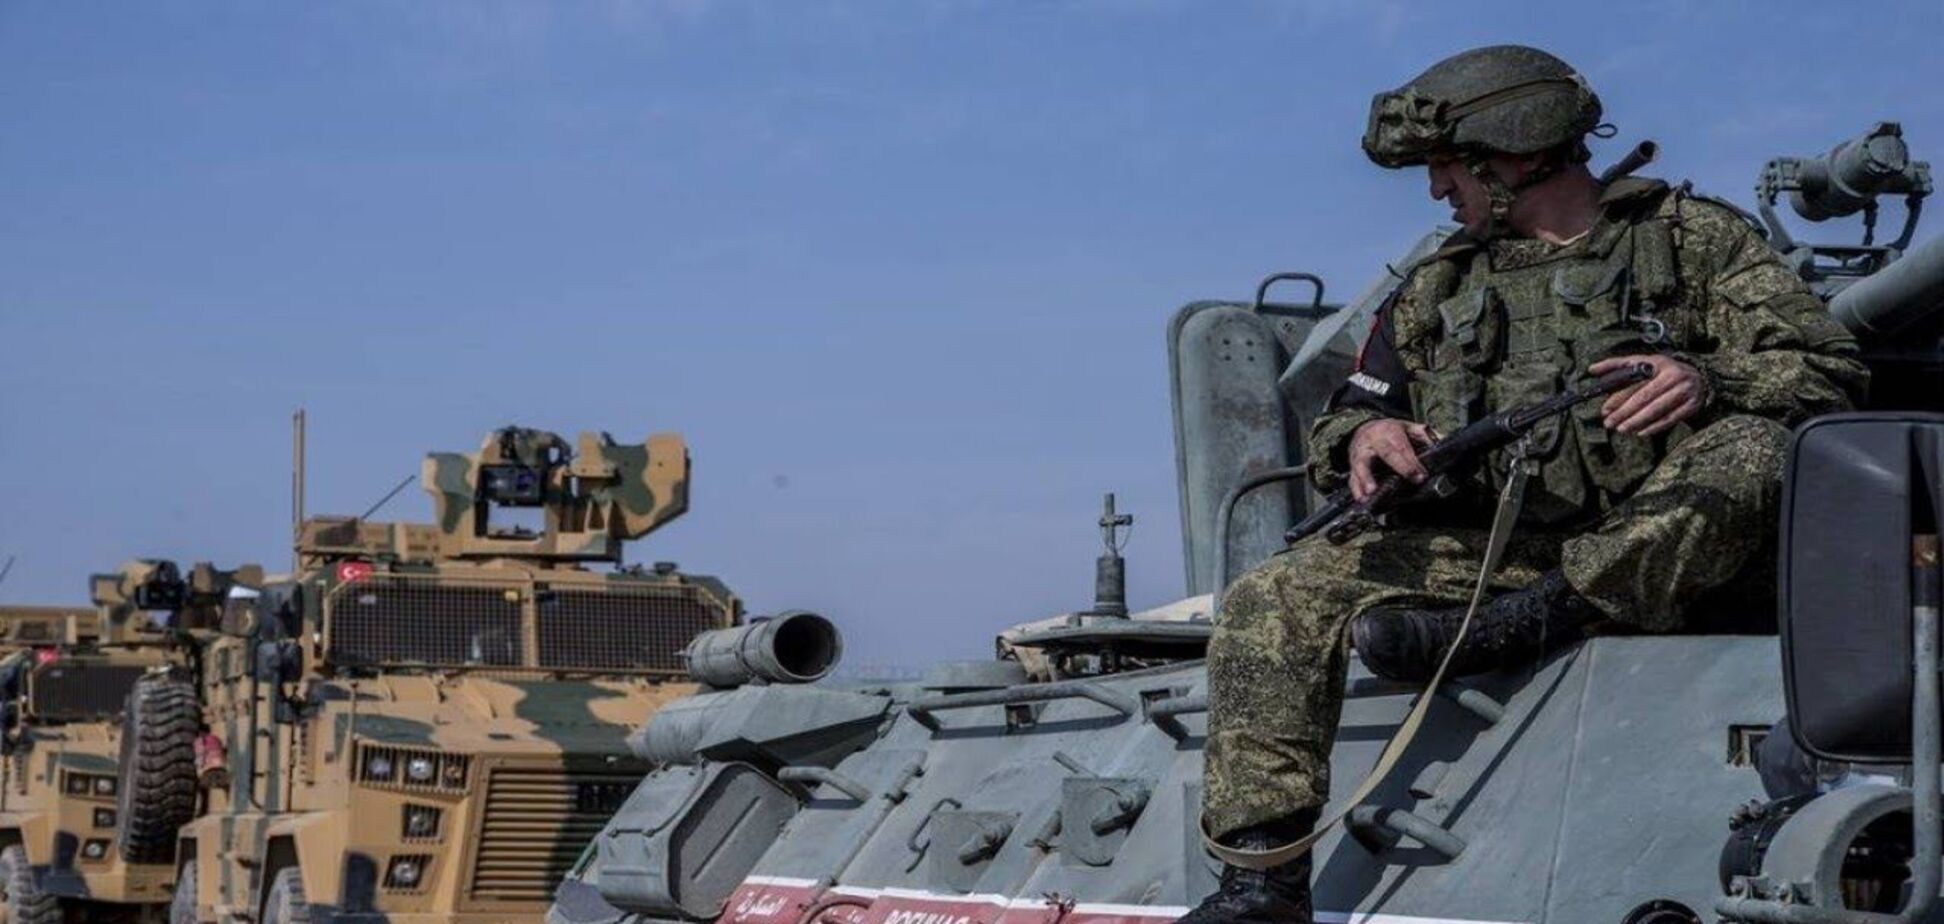 В Сирии подорвался бронеавтомобиль с российскими военными: есть погибший и раненые